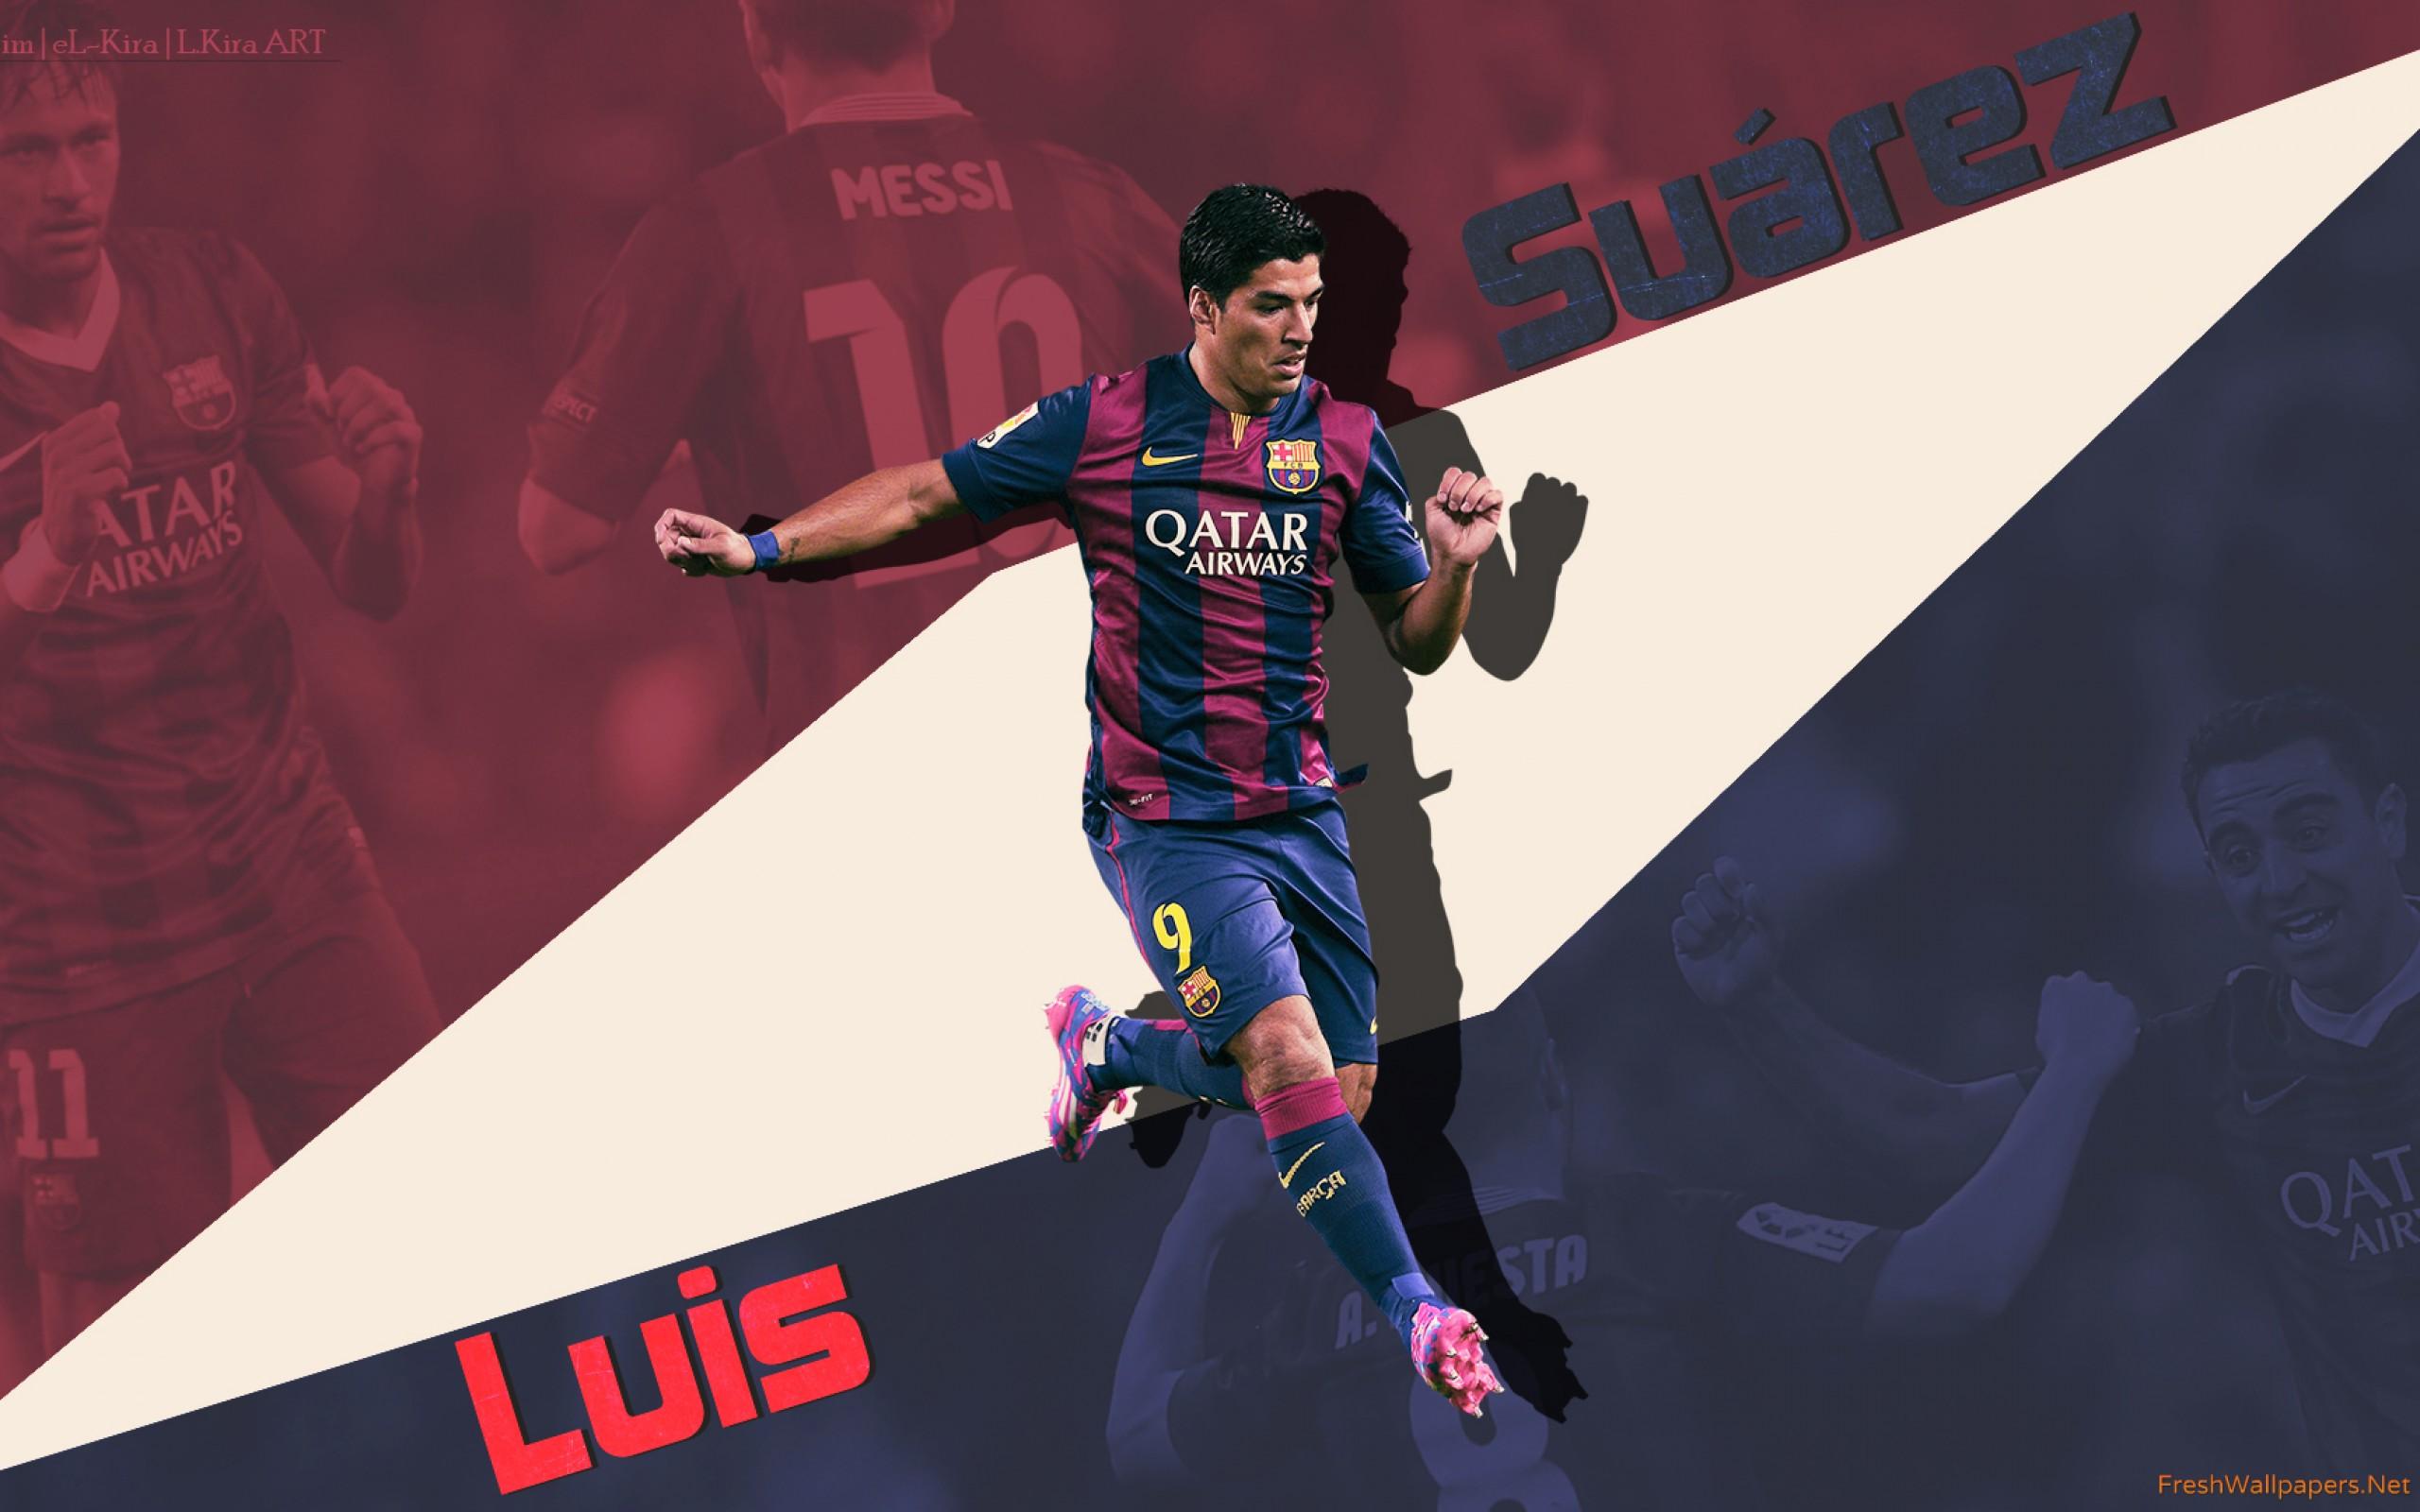 Luis Suarez Wallpapers Pictures Images 2560x1600